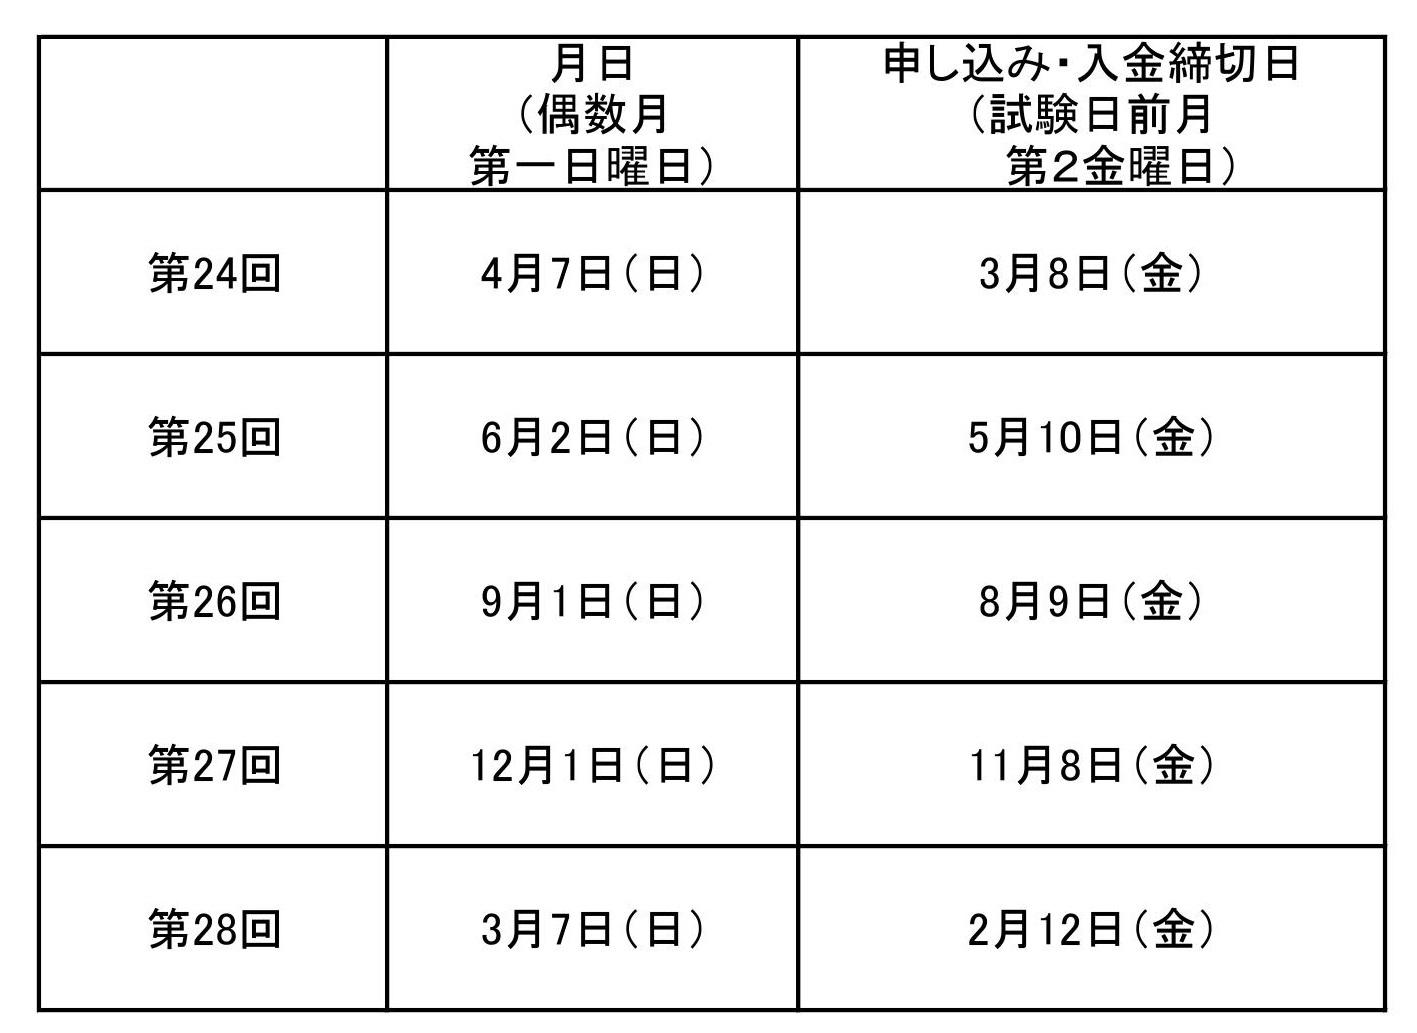 2019年度 JCO初級・上級認定試験日程